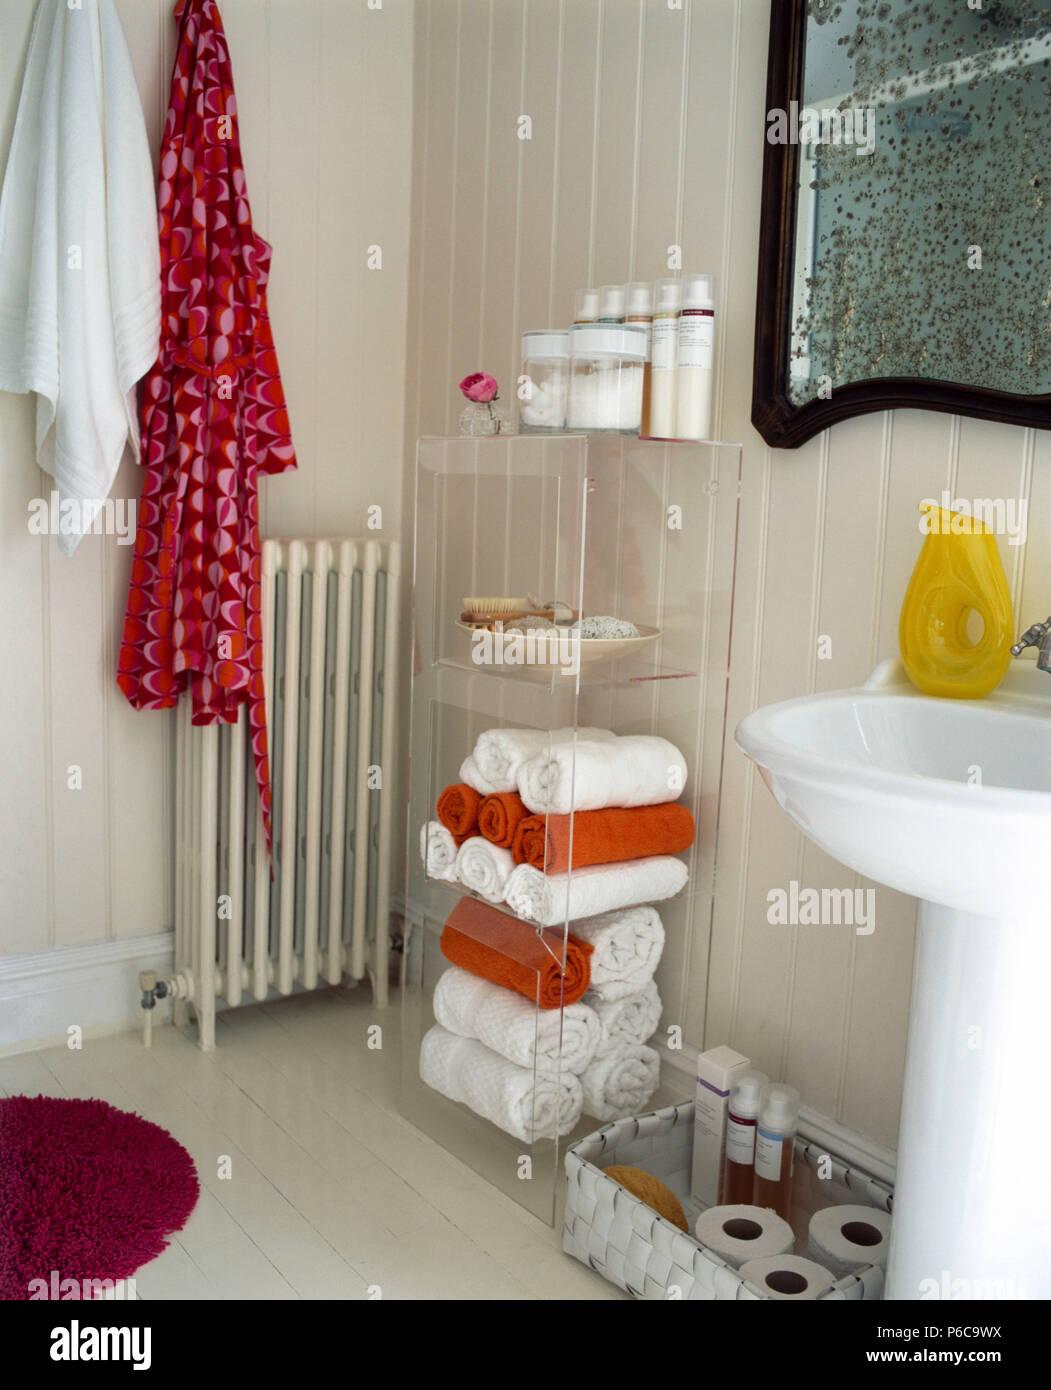 Rojo de albornoz y toalla blanca en la pared arriba del radiador en chapa blanca baño con toallas en estanterías de metacrilato Foto de stock